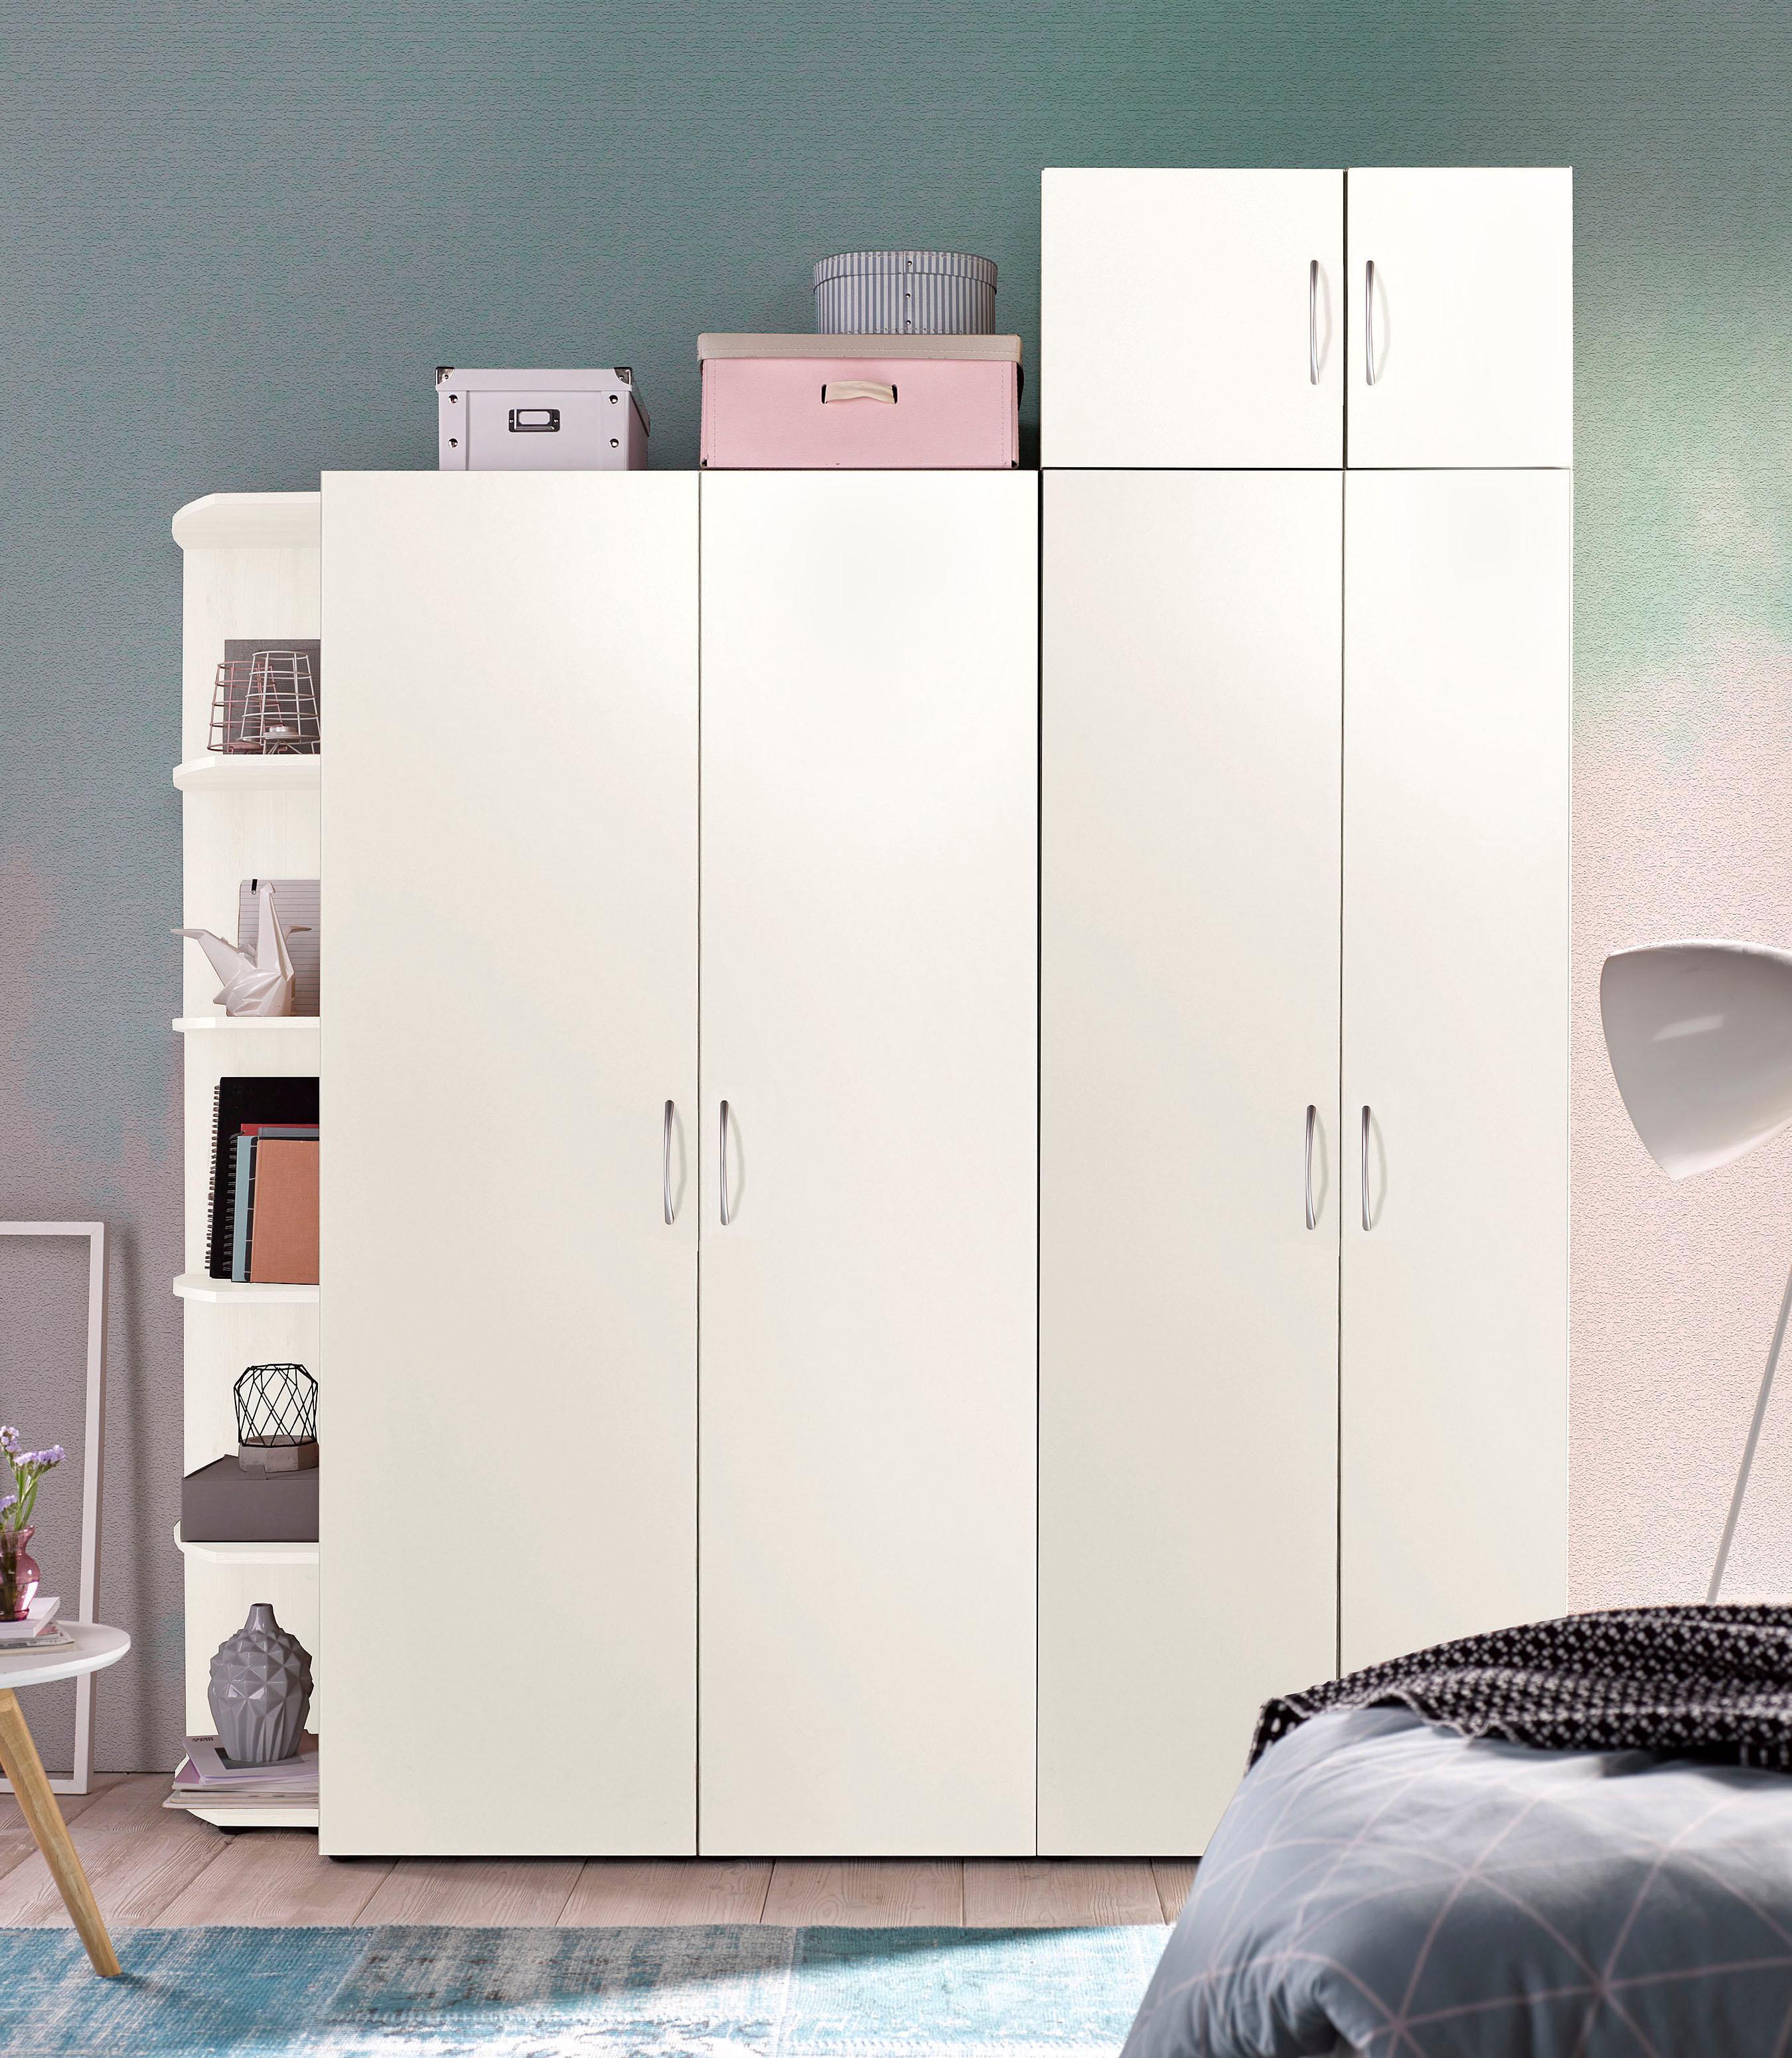 schrank tiefe 80 cm preisvergleich die besten angebote online kaufen. Black Bedroom Furniture Sets. Home Design Ideas